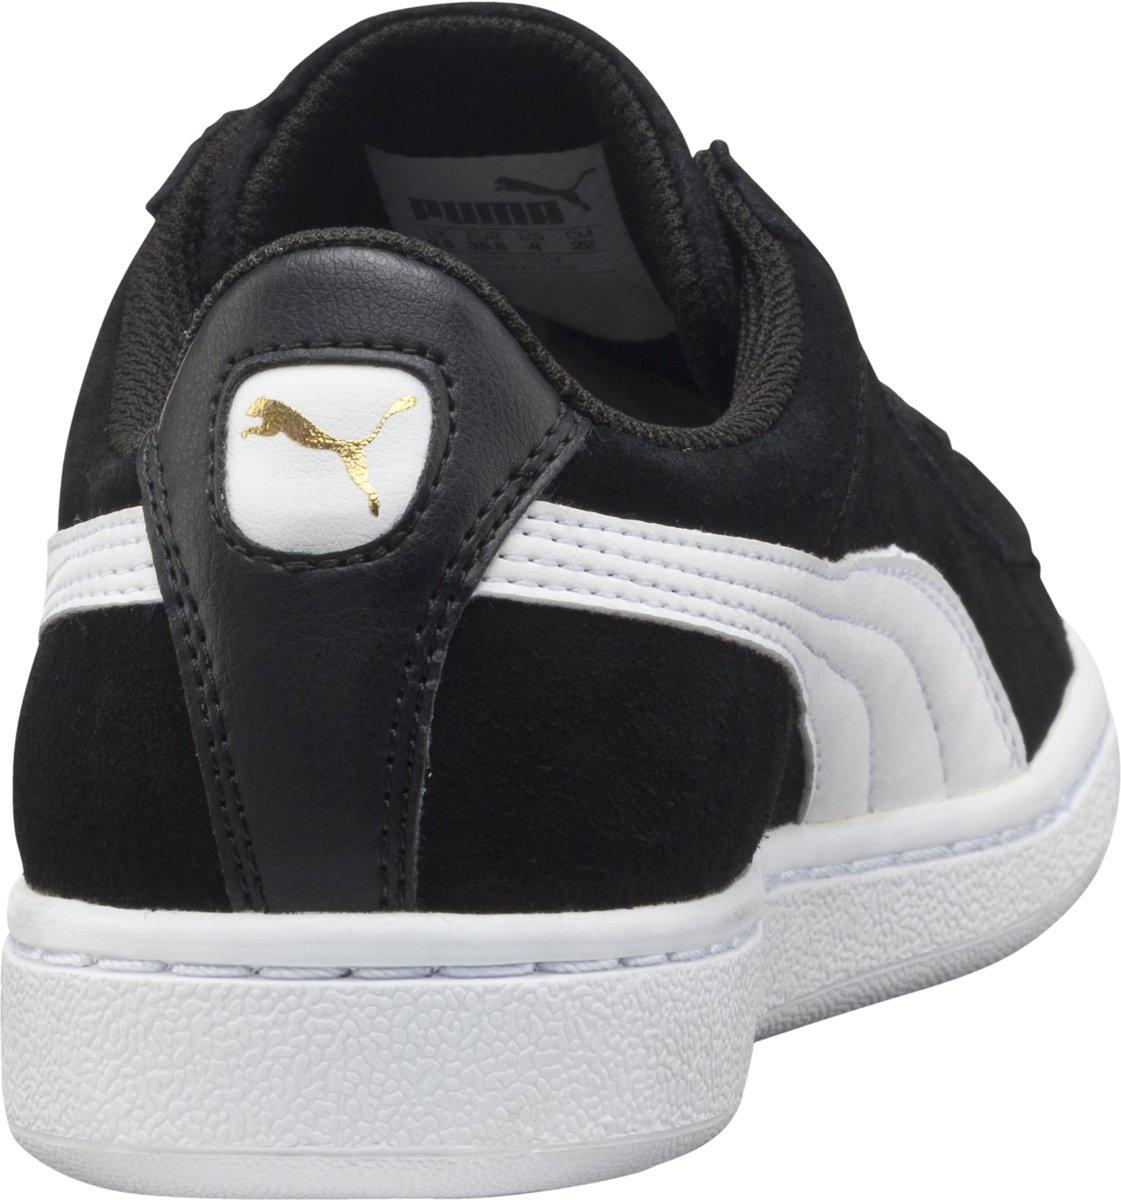 be3e1845f23 bol.com   PUMA Vikky Sfoam Sneakers Dames - Puma Black / Puma White - Maat  38.5